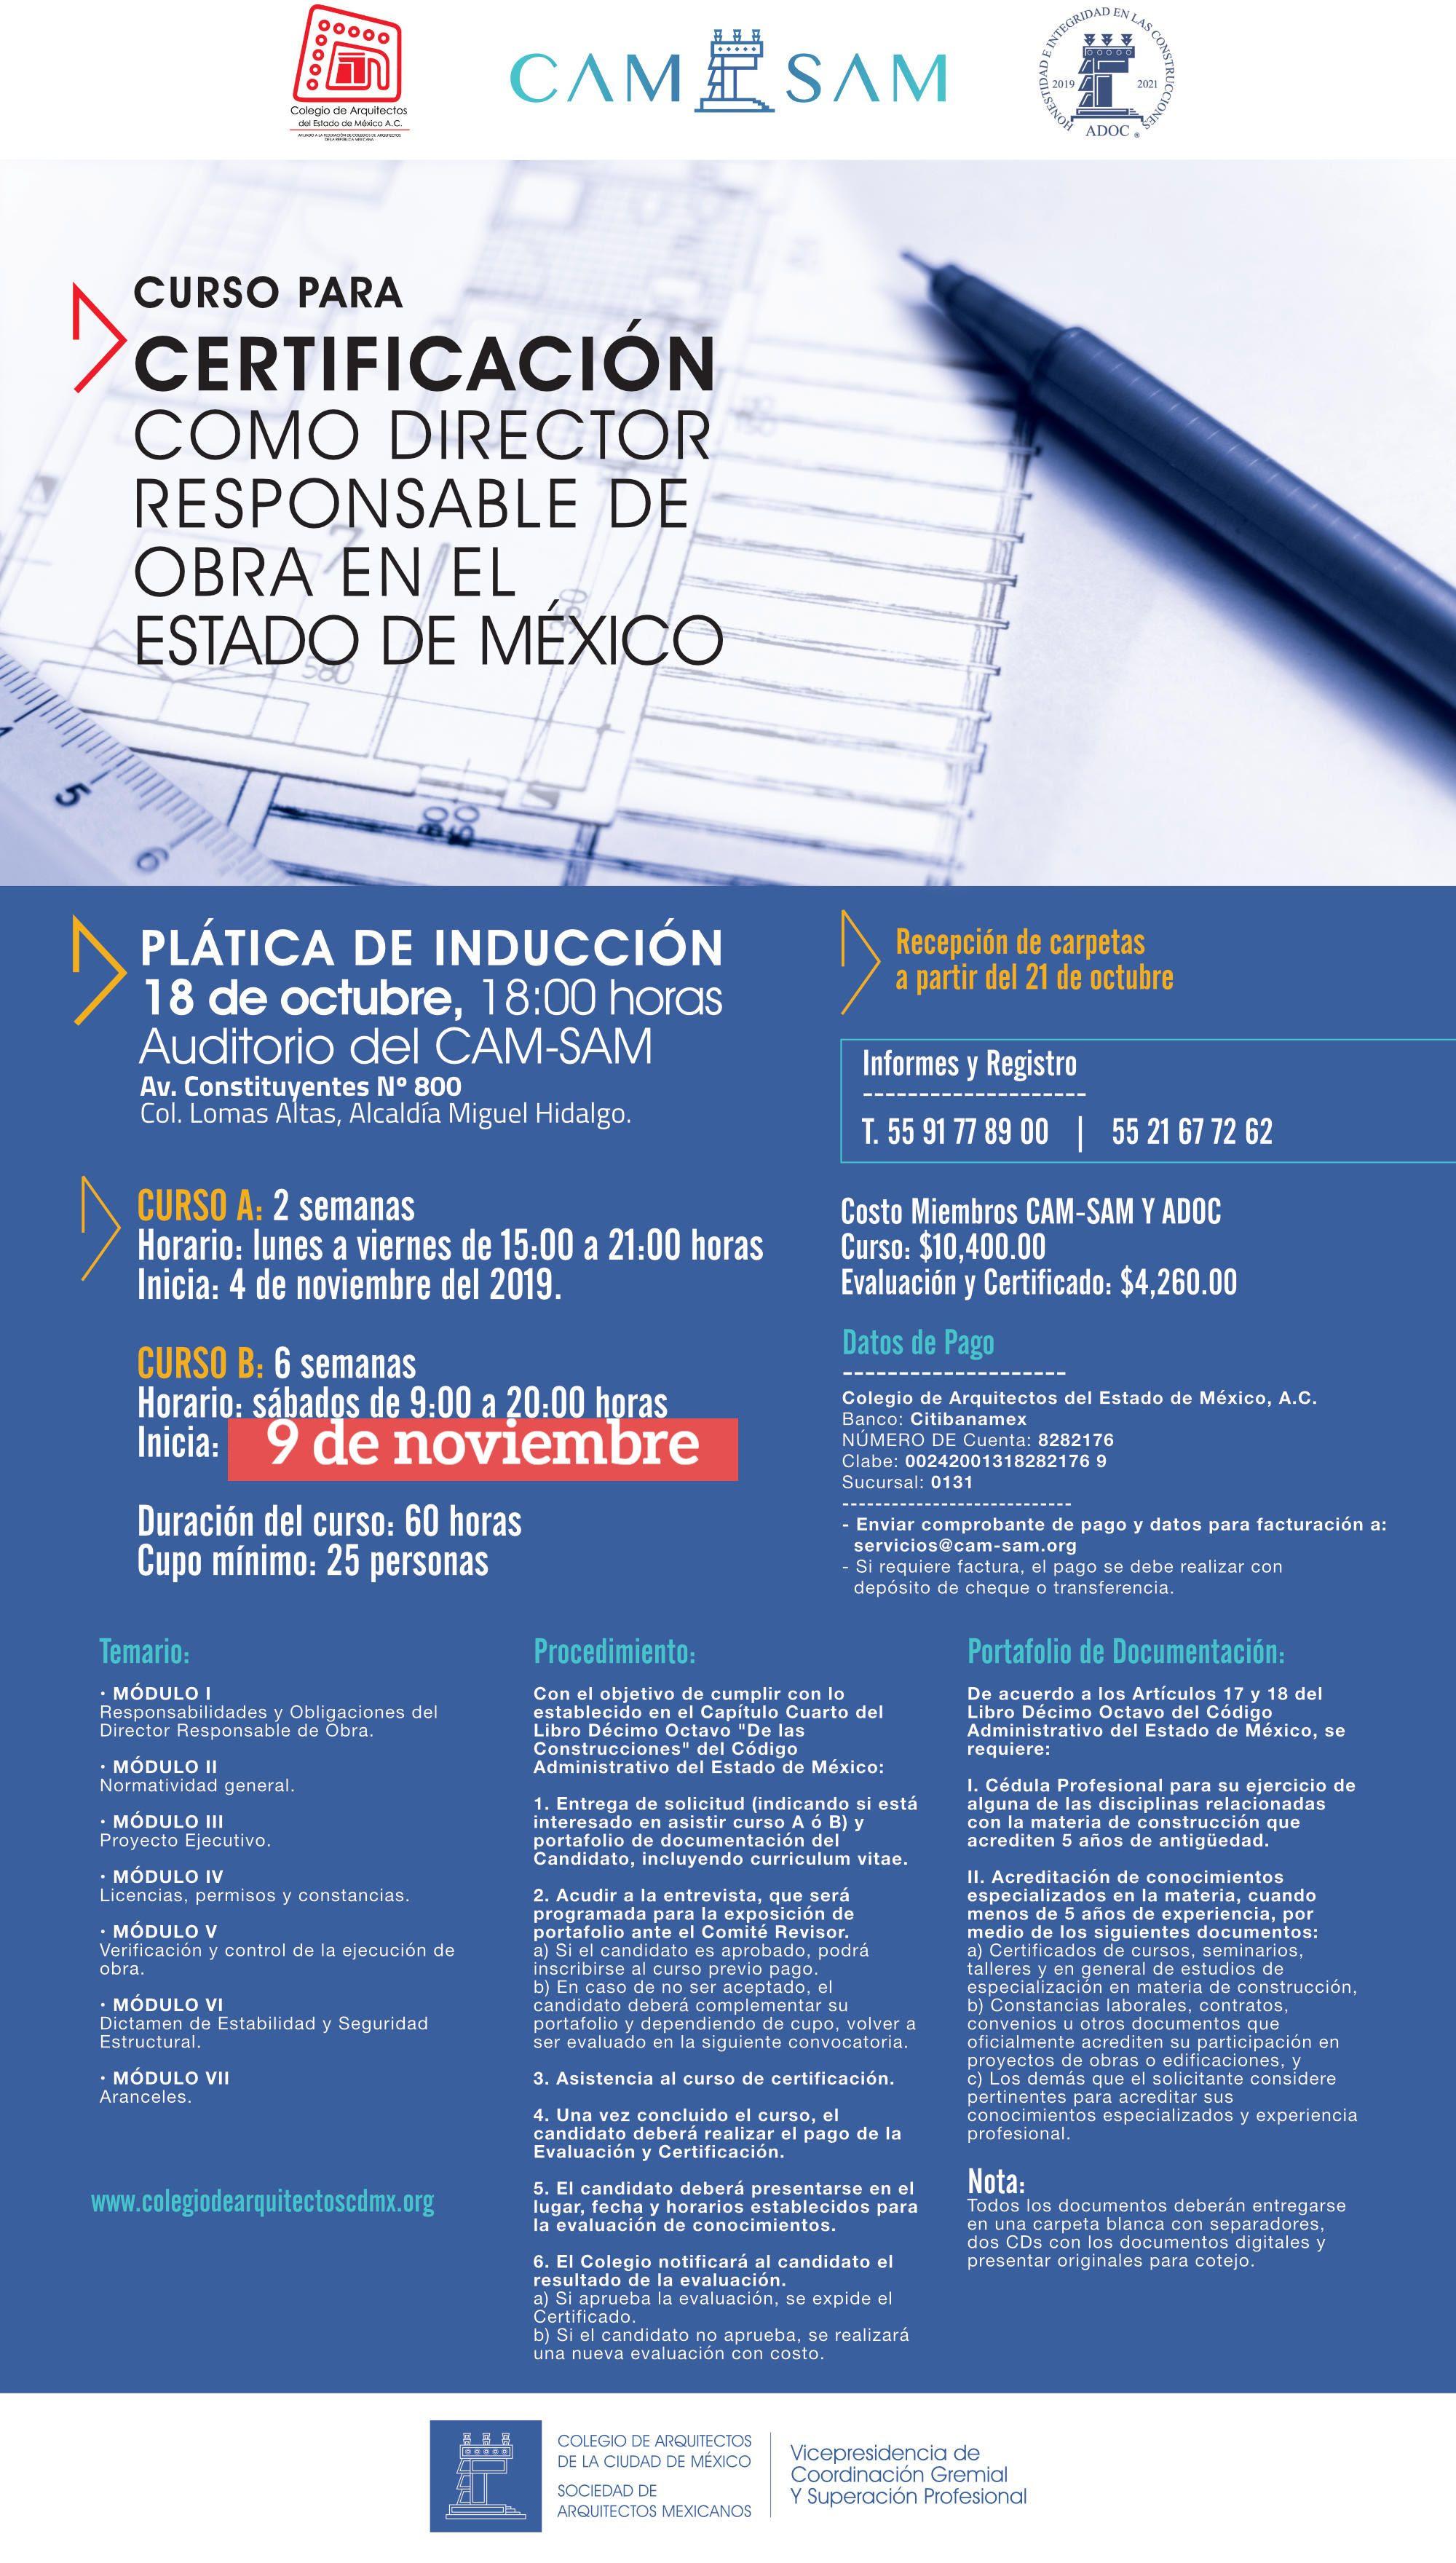 Certificación DRO Estado de México